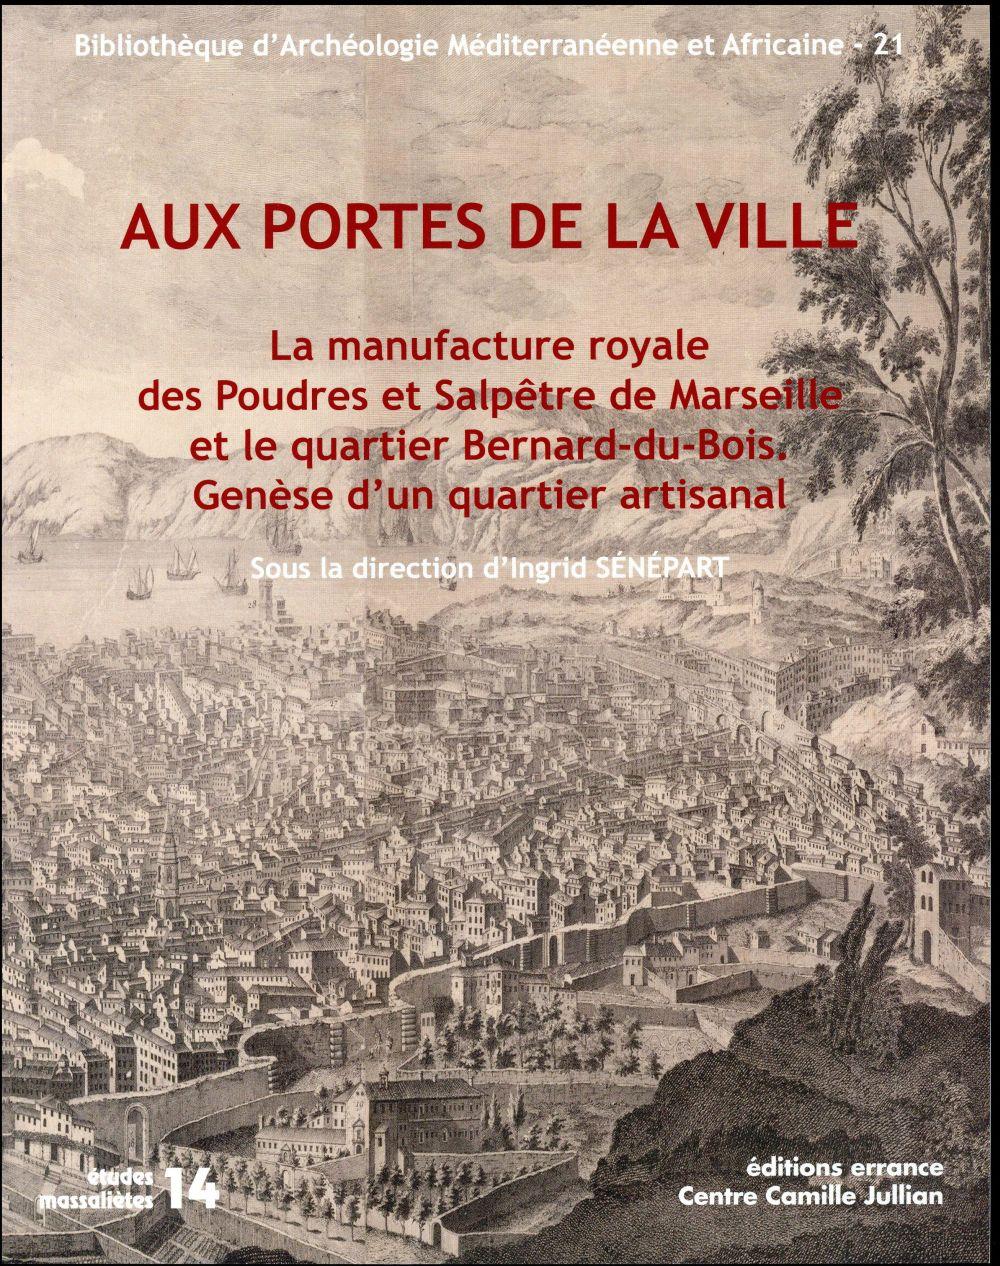 Aux portes de la ville ; la manufacture royale des Poudres et Salpêtre de Marseille et le quartier Bernard-du-Bois : genèse d'un quartier industriel